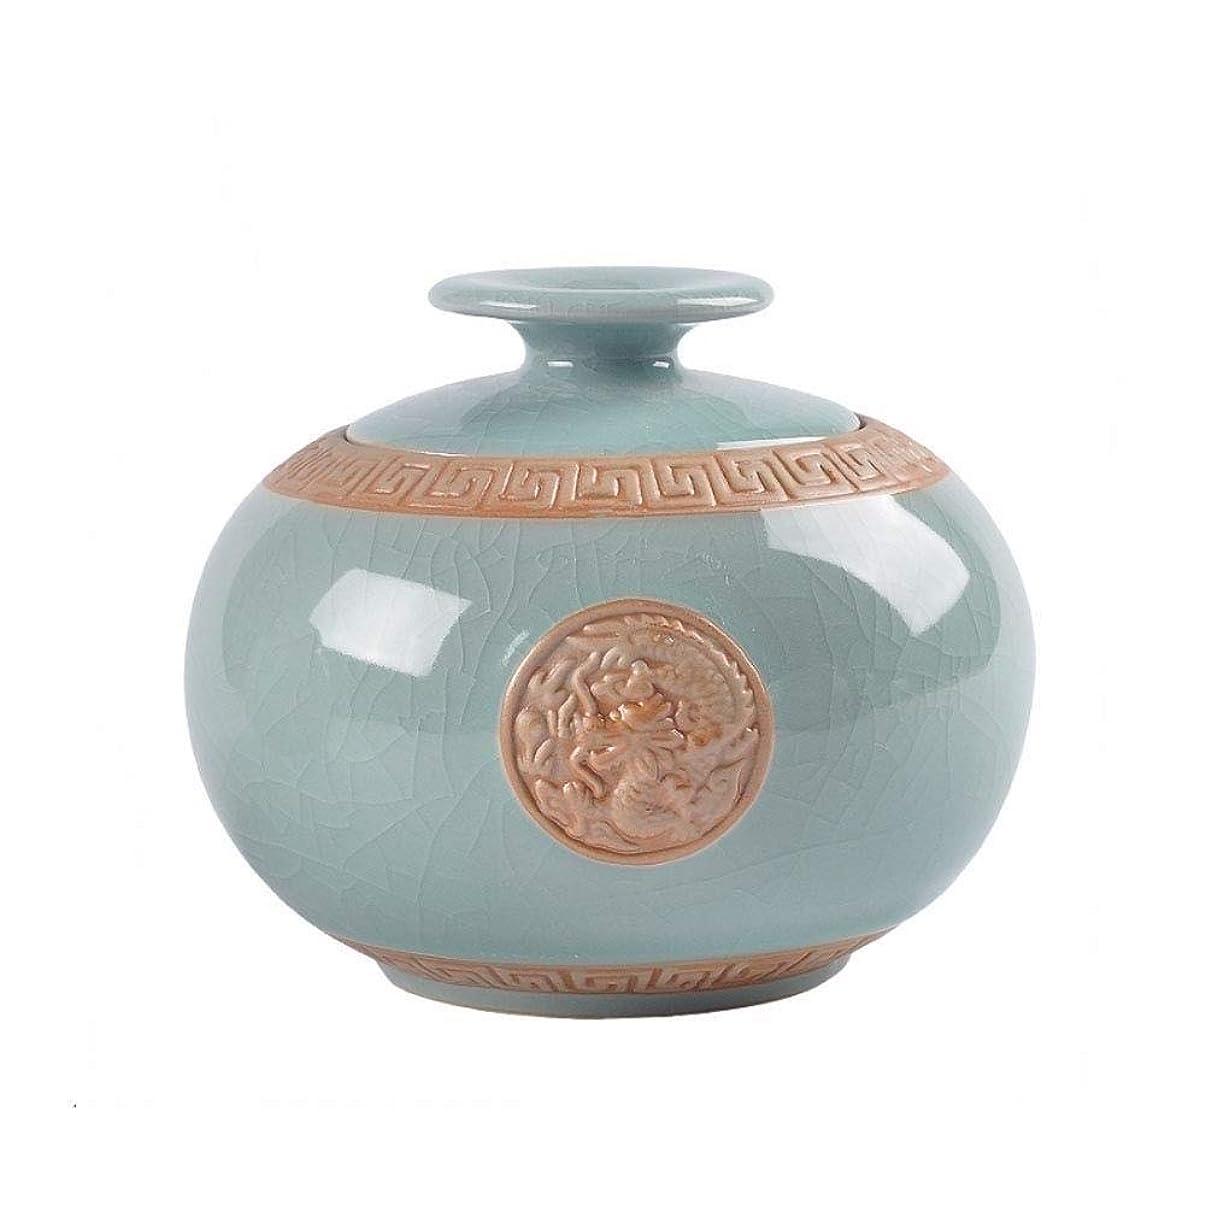 クリップ蝶誤最適灰のための中型の火葬骨壷 - 人間の灰のための葬儀骨壷 - 家でまたはニッチで陶器と手塗りのディスプレイで埋葬骨壷